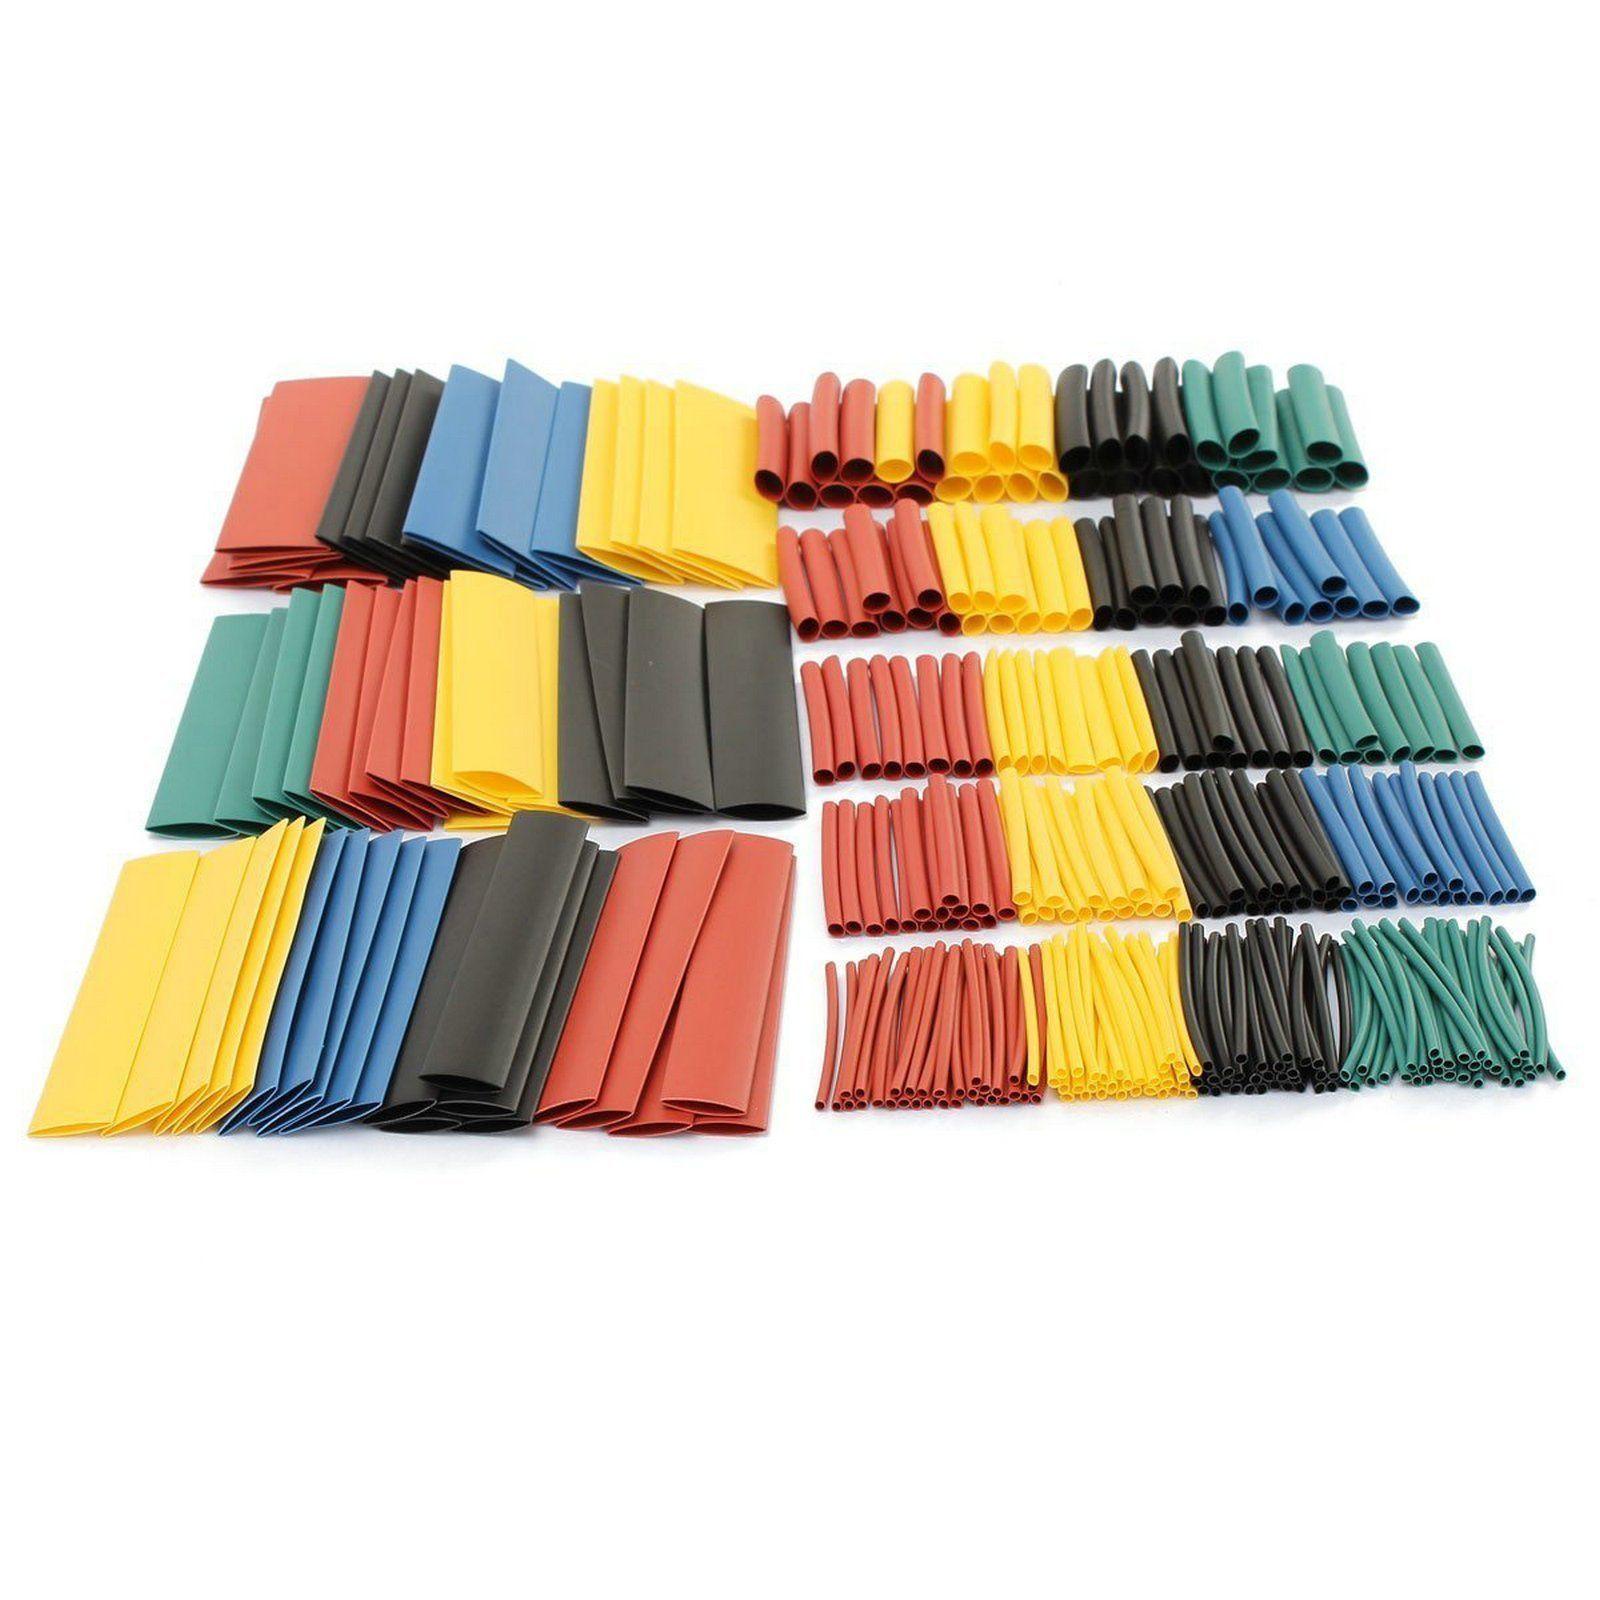 328 Gaines Thermorétractables - Tailles & Coloris Mixtes